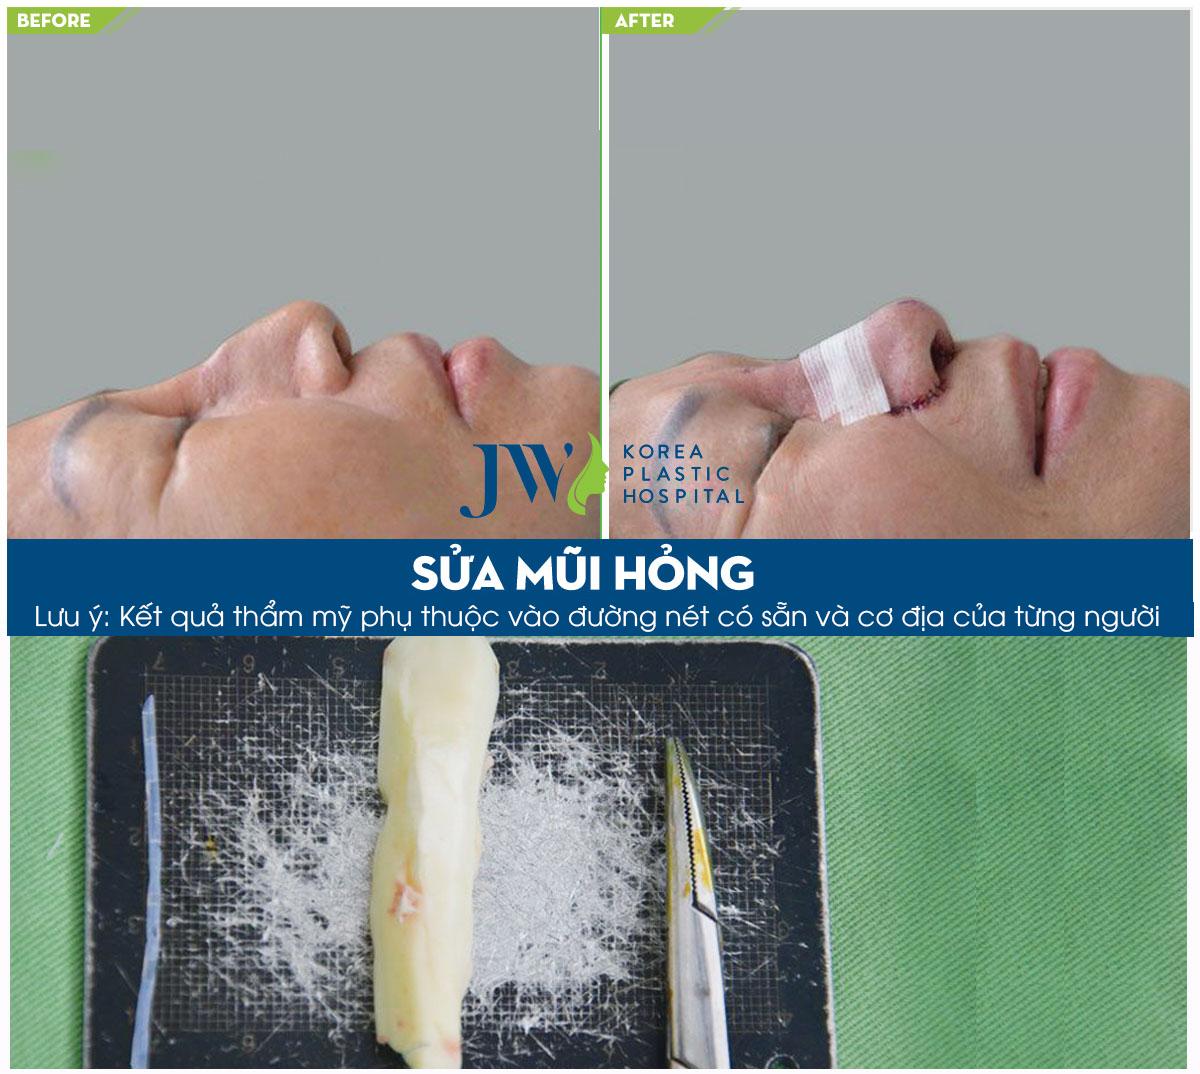 Một Bệnh nhân phẫu thuật chỉnh sửa mũi hỏng do dùng vật liệu không an toàn được bác sĩ tại JW tái phẫu thuật mũi lại.